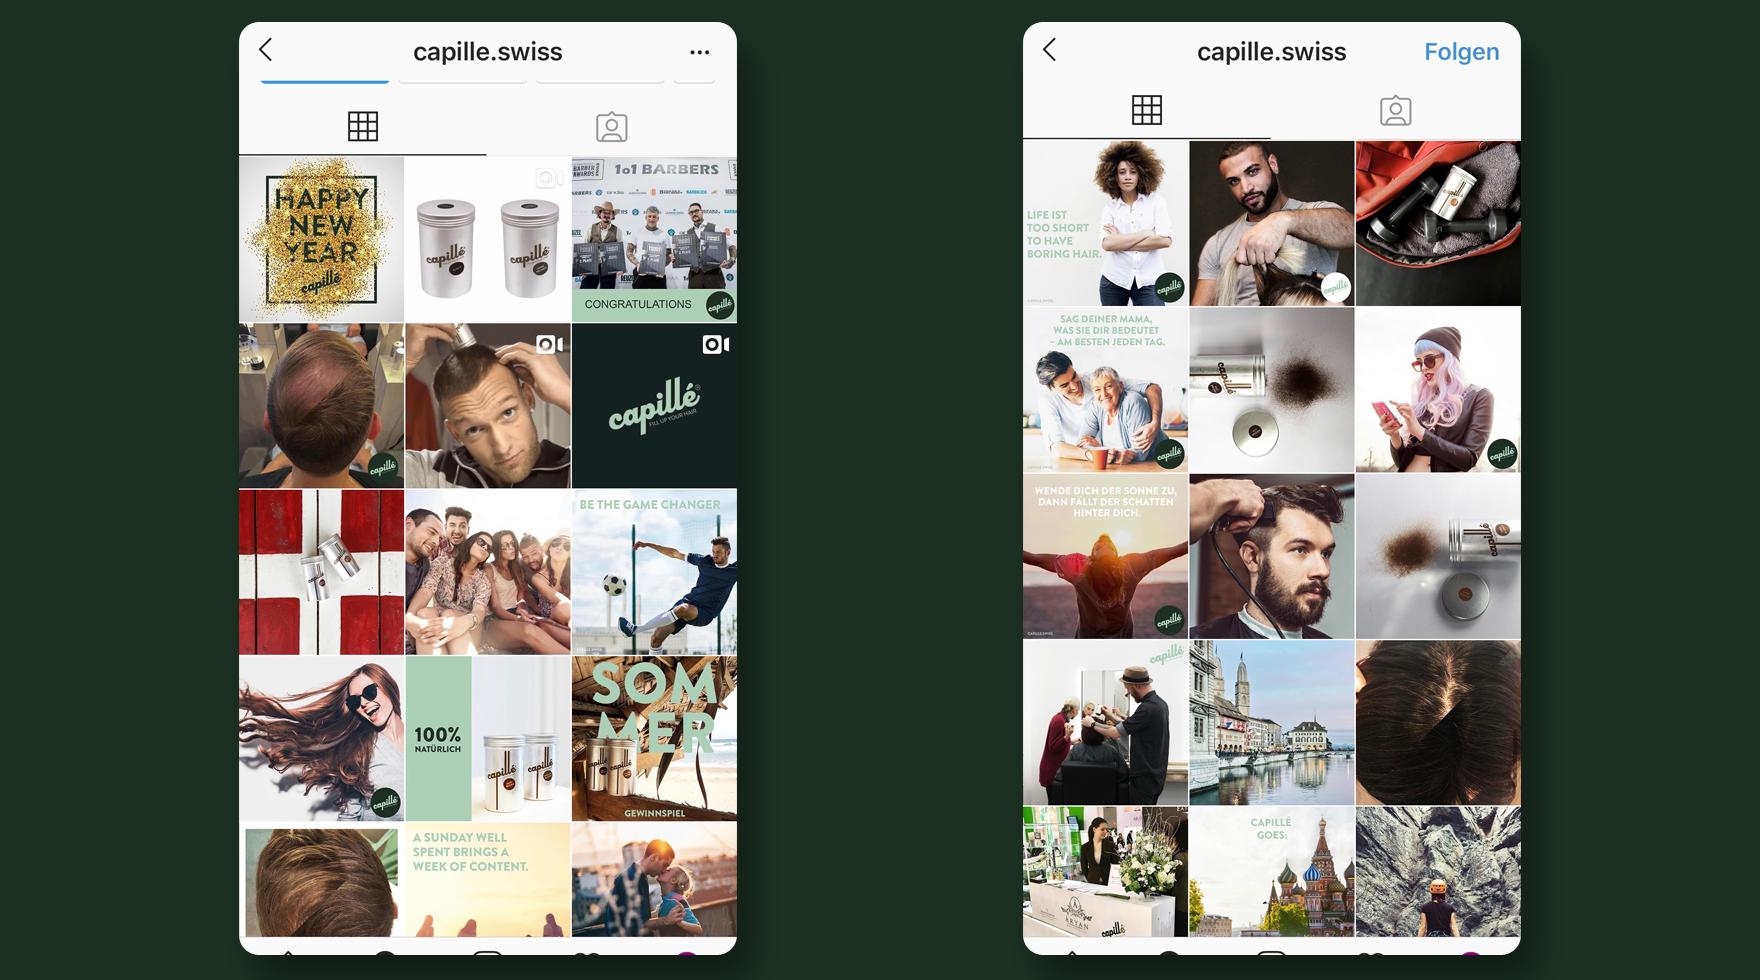 instagram-capille-schweiz-agentur